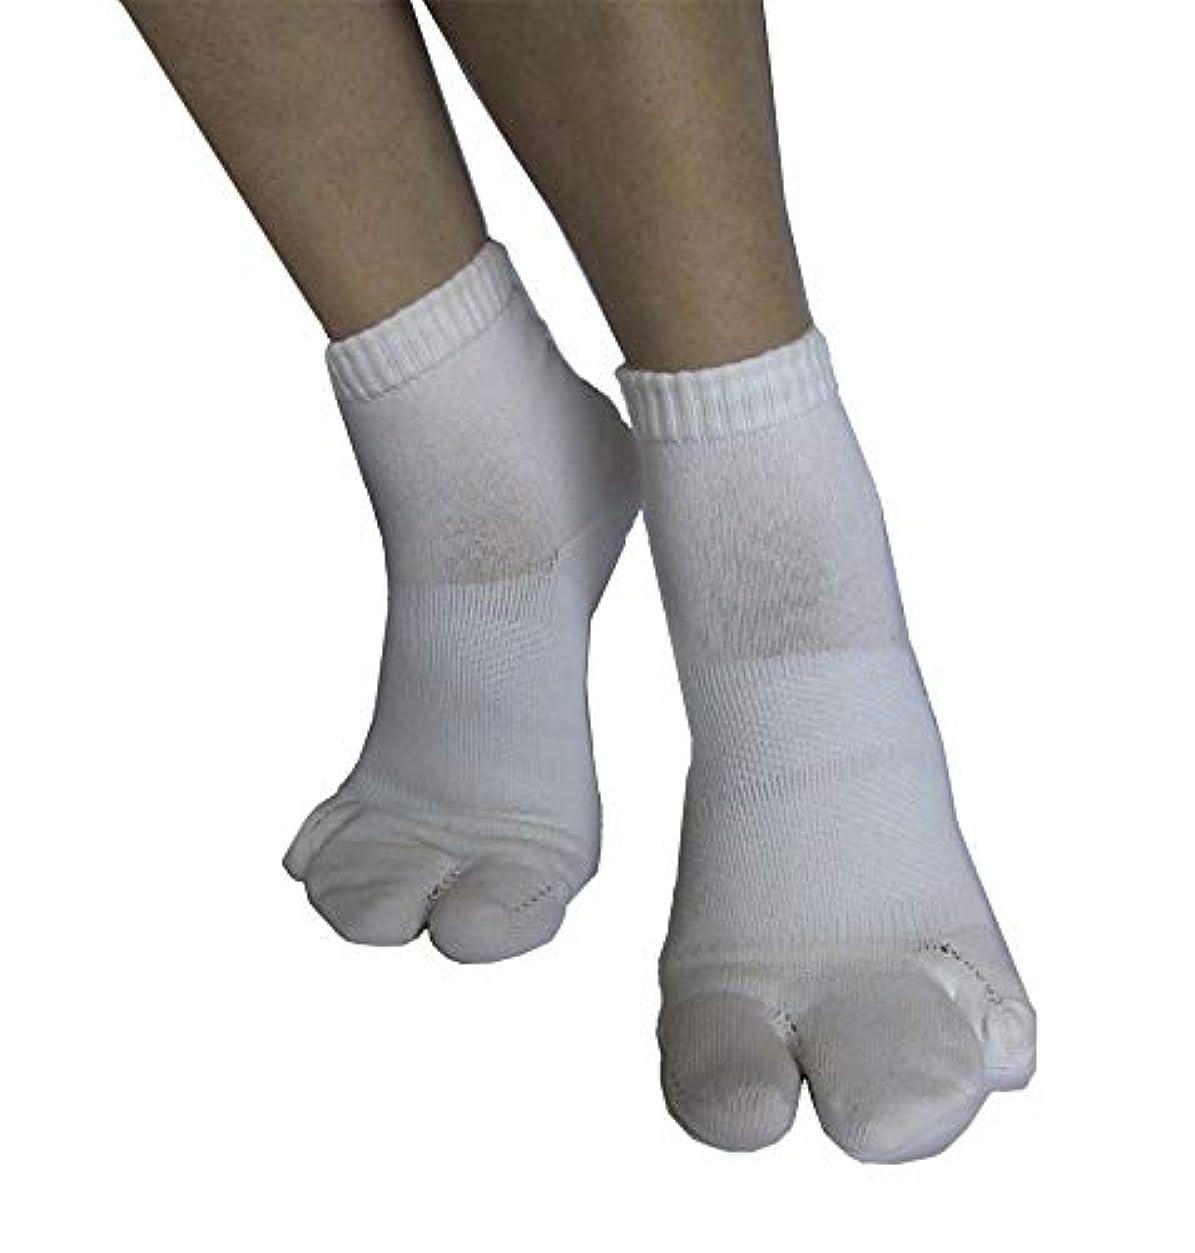 計画下手うぬぼれカサハラ式サポーター ホソックス3本指テーピング靴下 ホワイトM 23.5-24.5cm